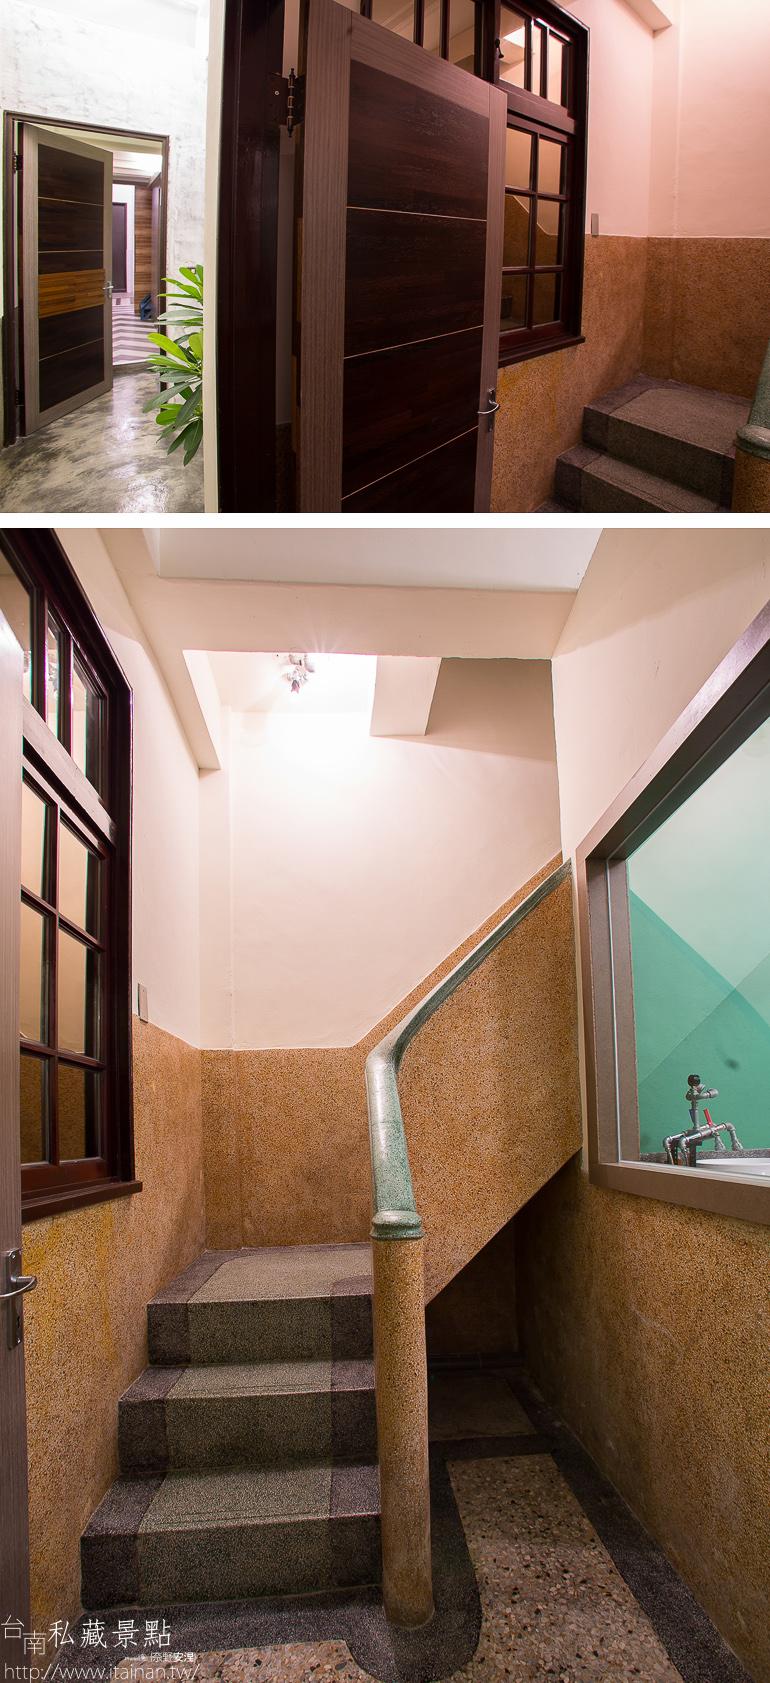 台南私藏景點--老房小屋 (10)